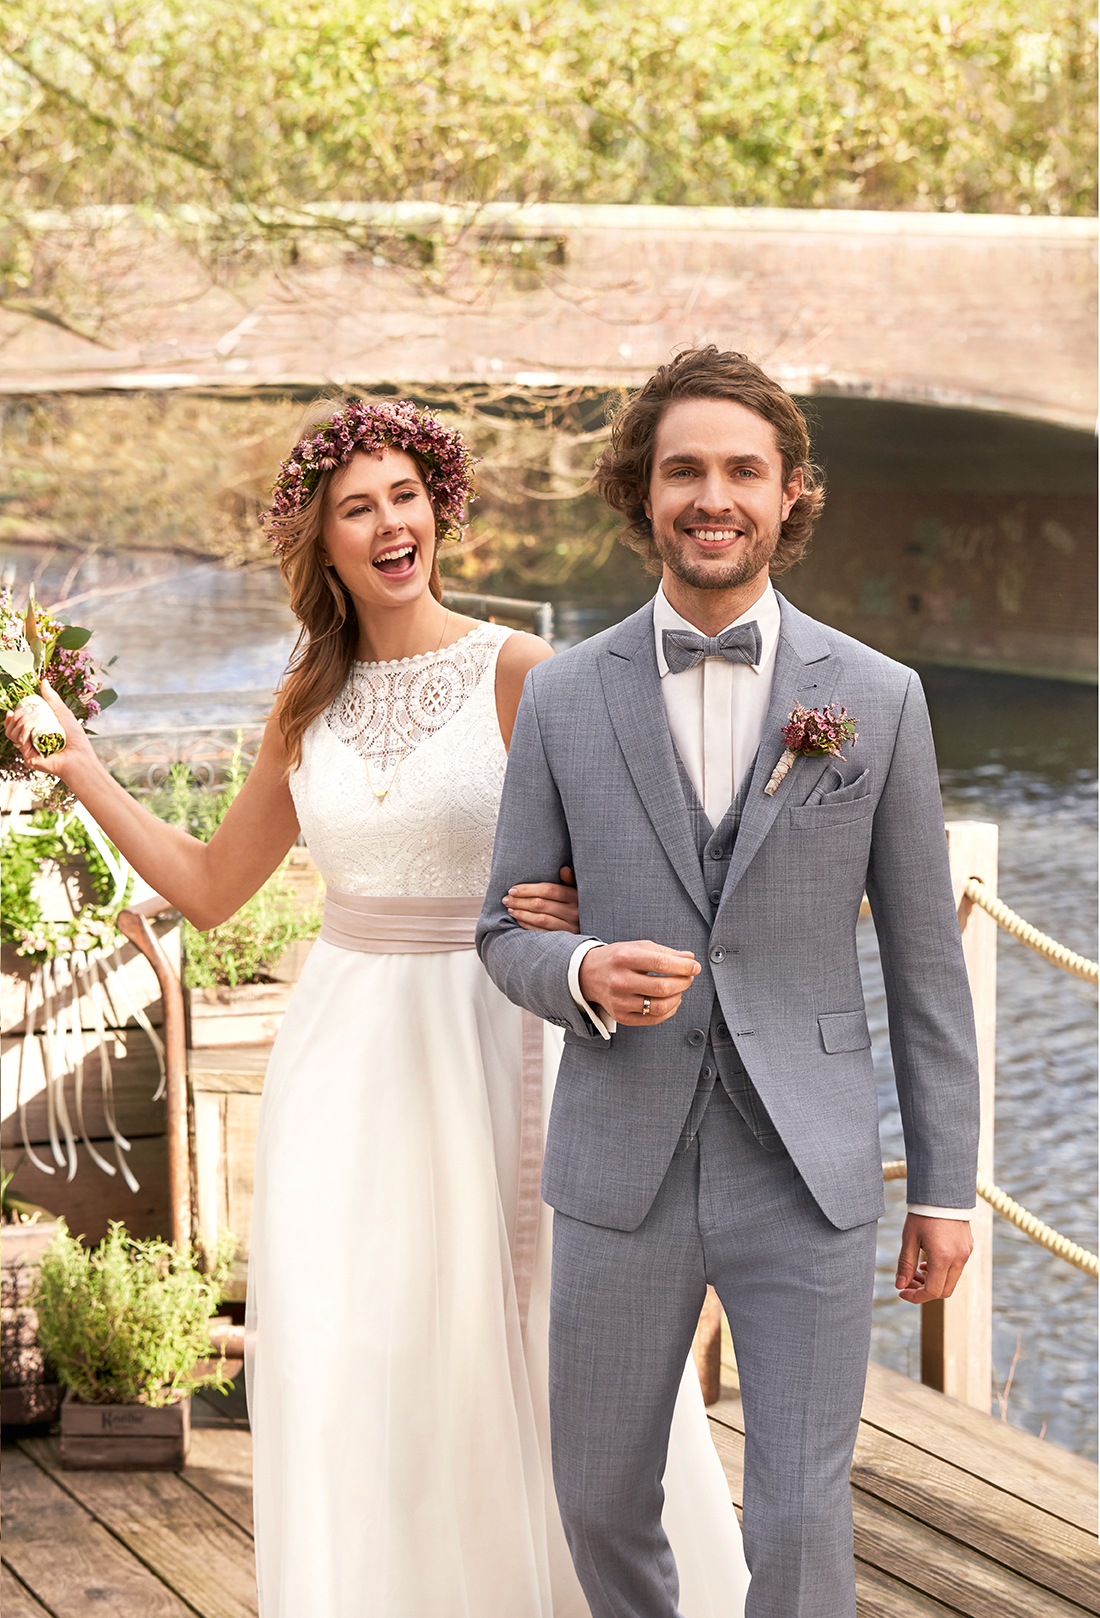 Wilvorst Green Wedding Hochzeitsanzug Männer Mode Bräutigam klassische Form vintage boho Stil Zweiknopf hellblau mit karrierter Weste in blau und passender blauer Fliege taillierte Silouhette